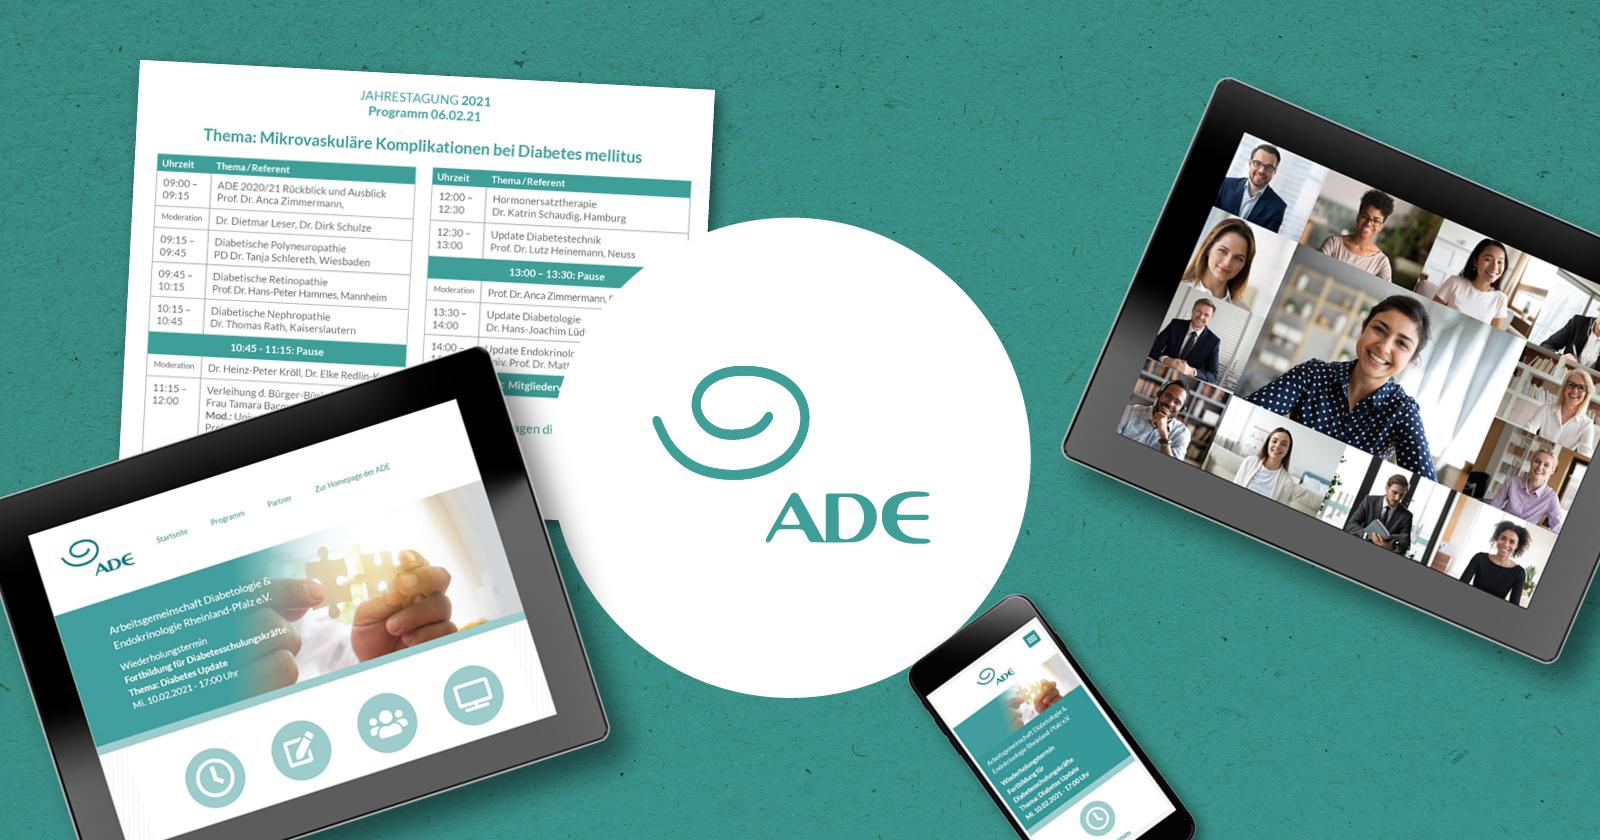 FRIEDSAM Werbeagentur realisiert Projekt für ADE RLP